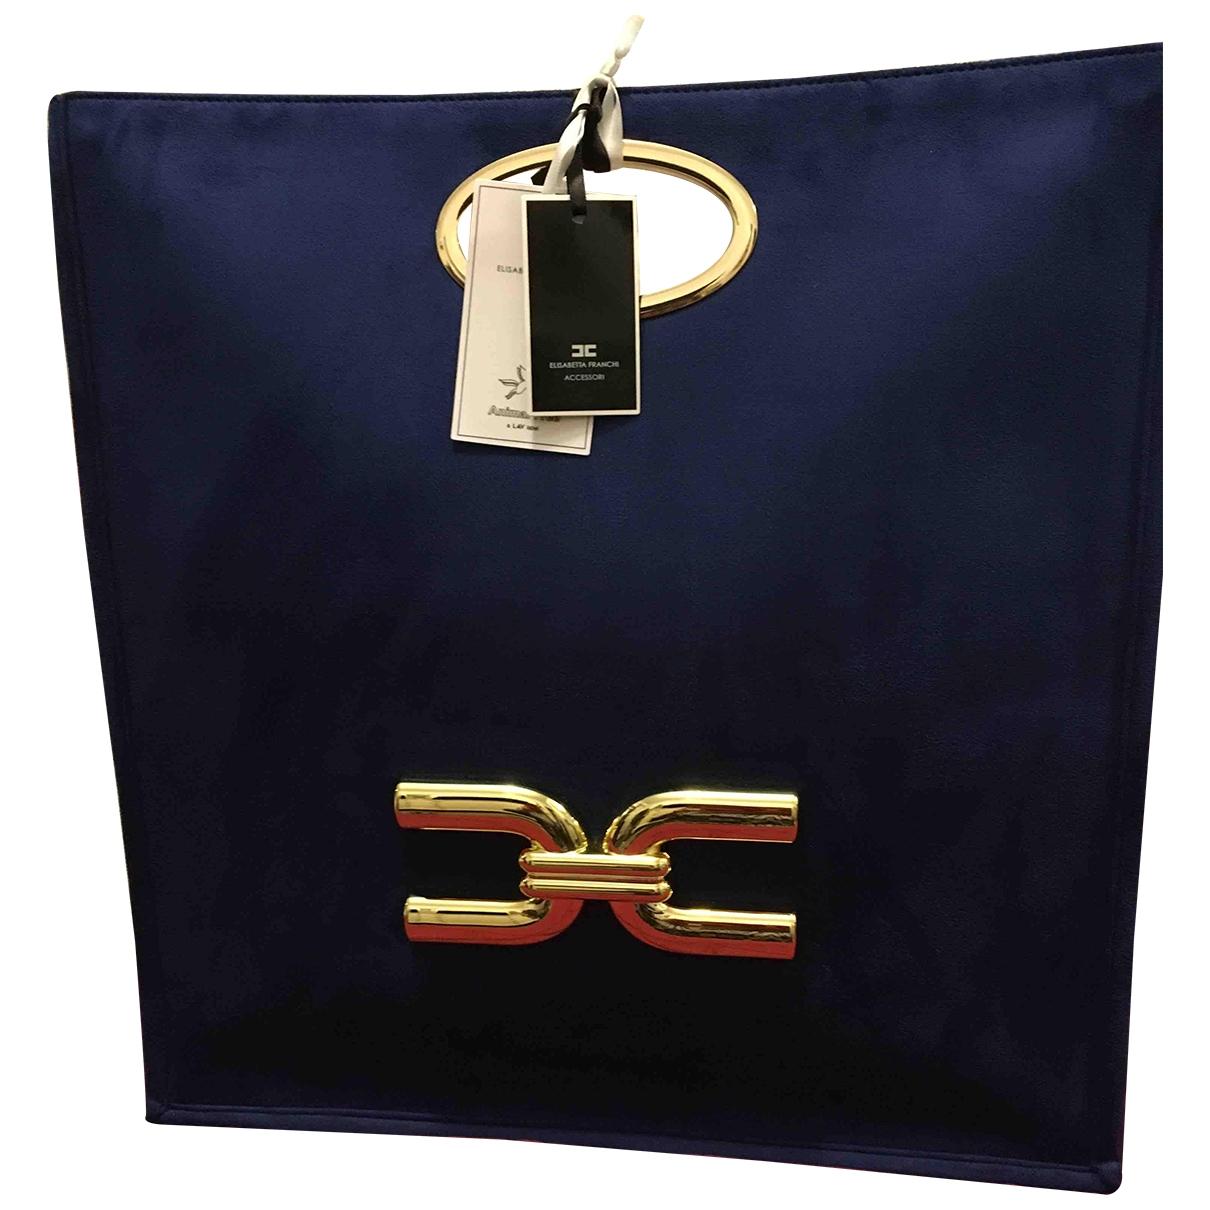 Elisabetta Franchi \N Blue Leather handbag for Women \N